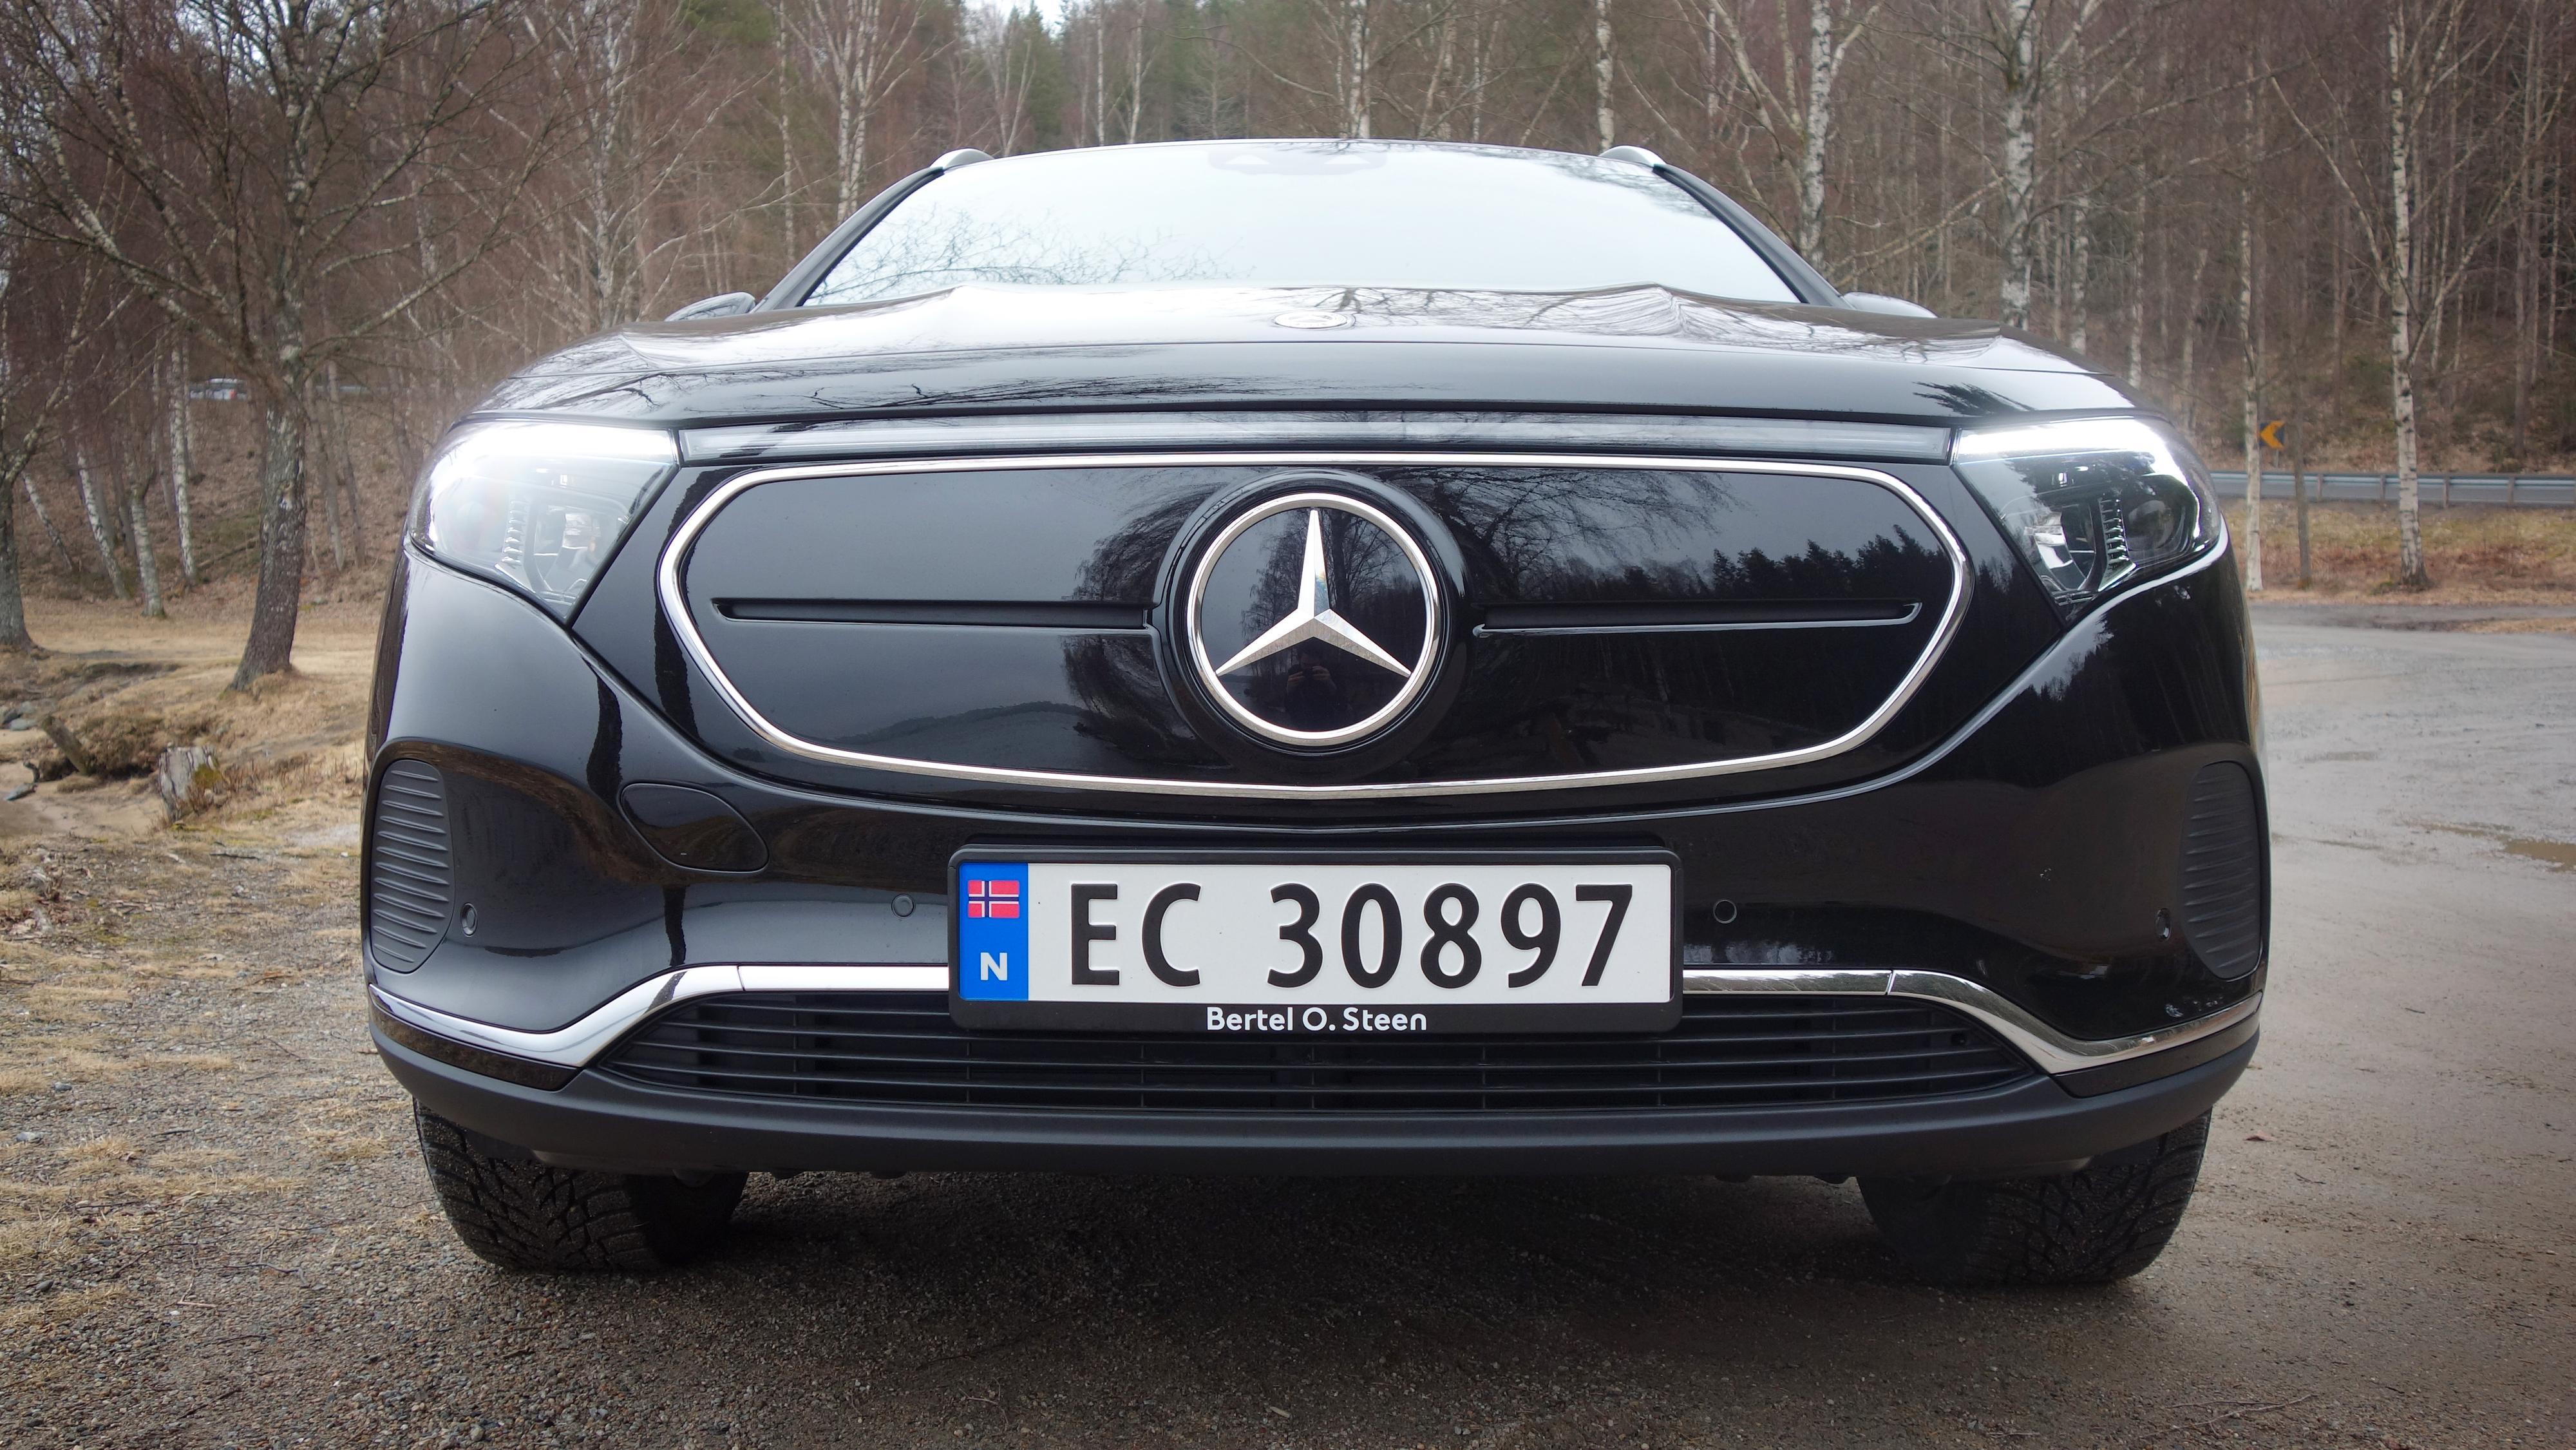 Mercedes forklarer at spenningen ved et lynnedslag kan bli høy nok til å slå over kontaktoren i elbilen - det er den kraftige kontakten som kobler fra driftsbatteriet når bilen ikke er i bruk.